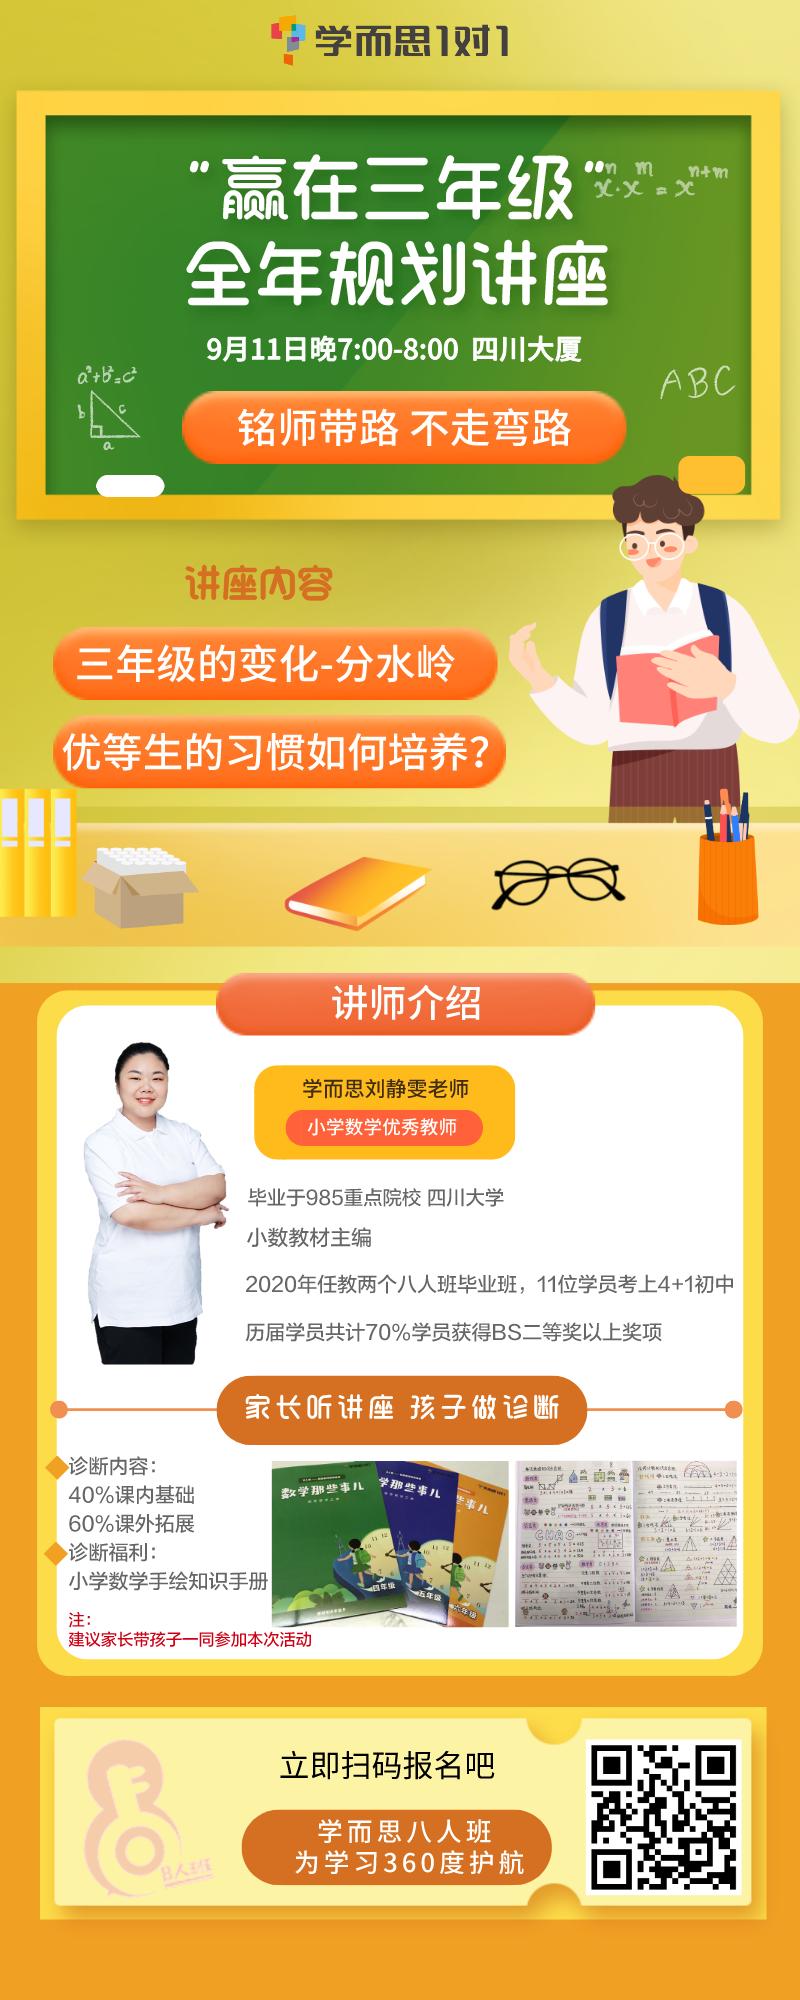 二升三讲座_长图海报_2020-09-03-0_(1).png